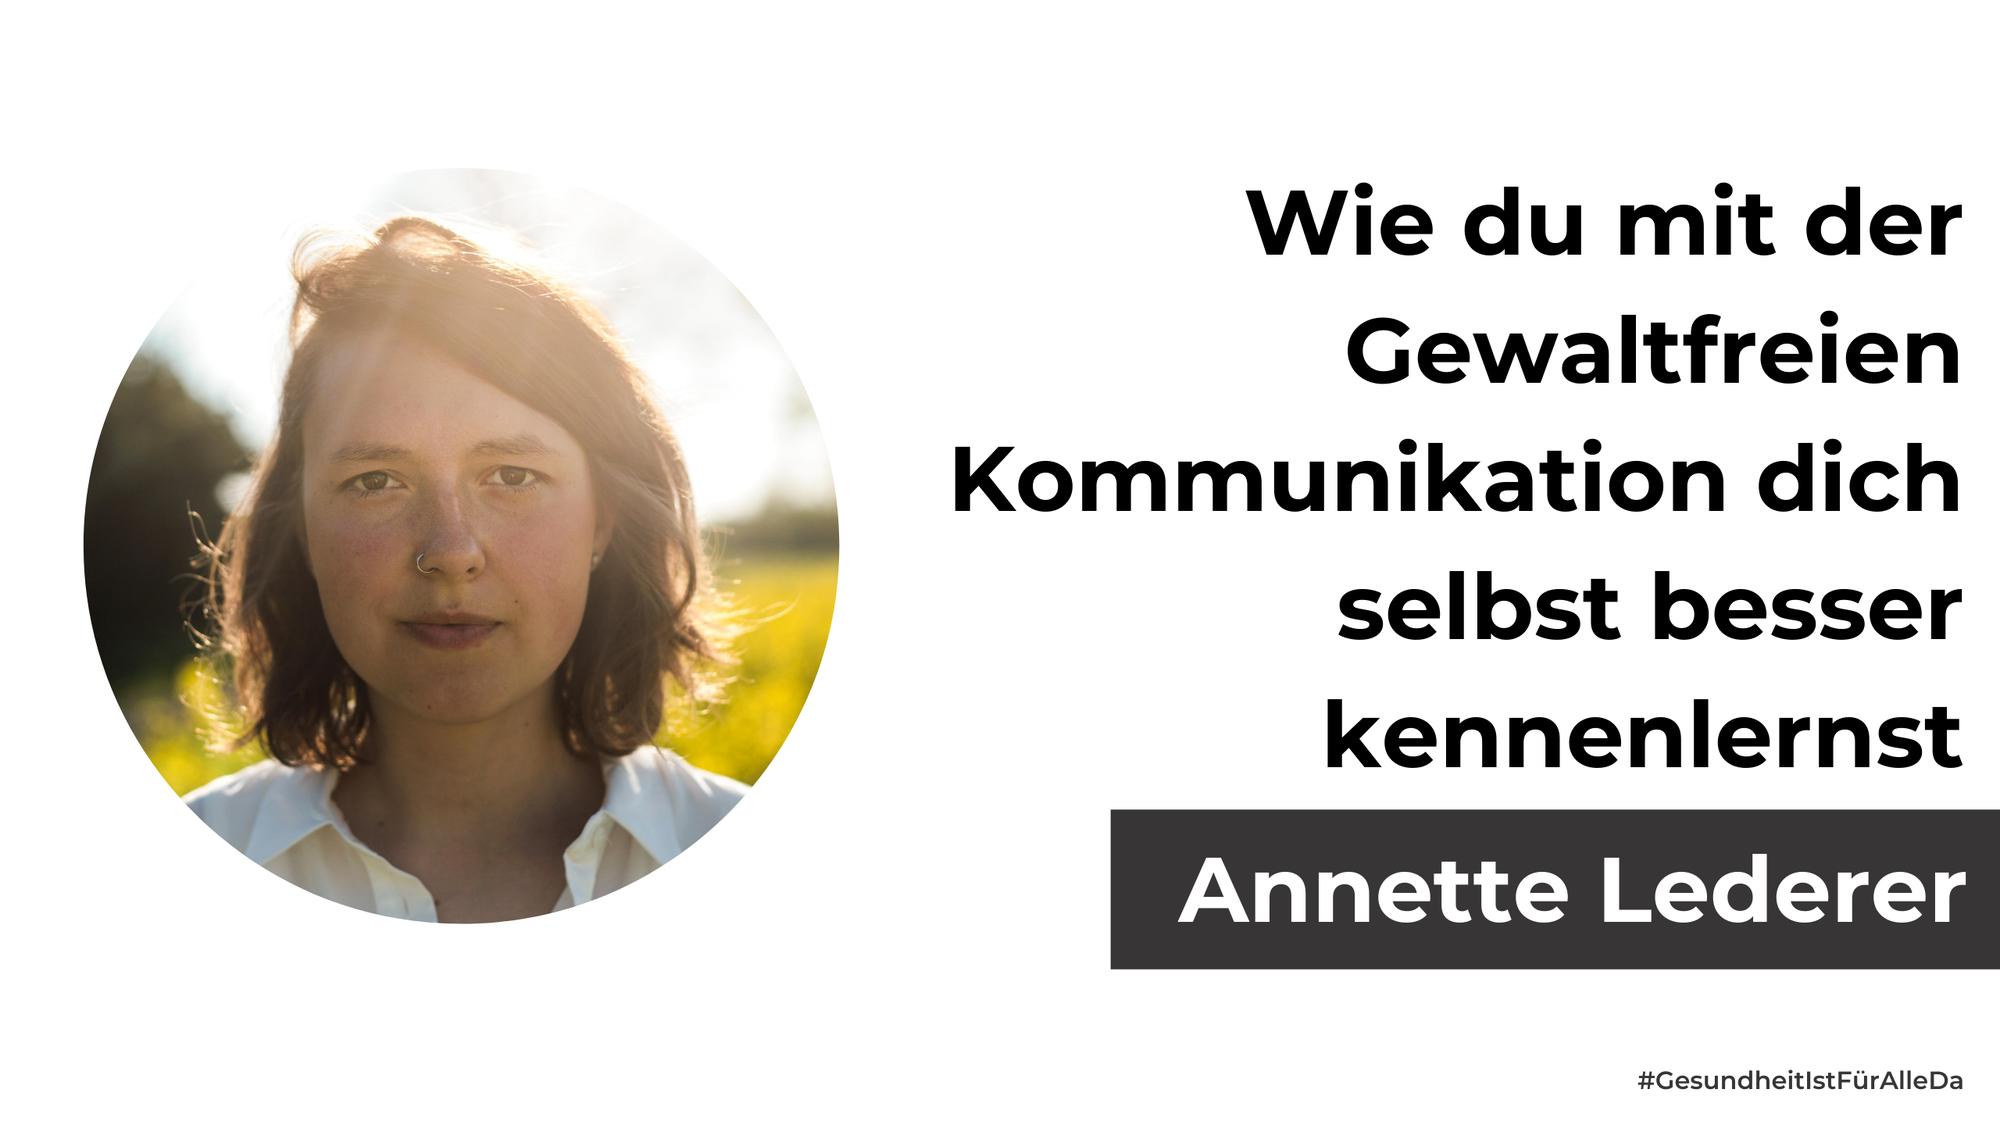 Annette Lederer